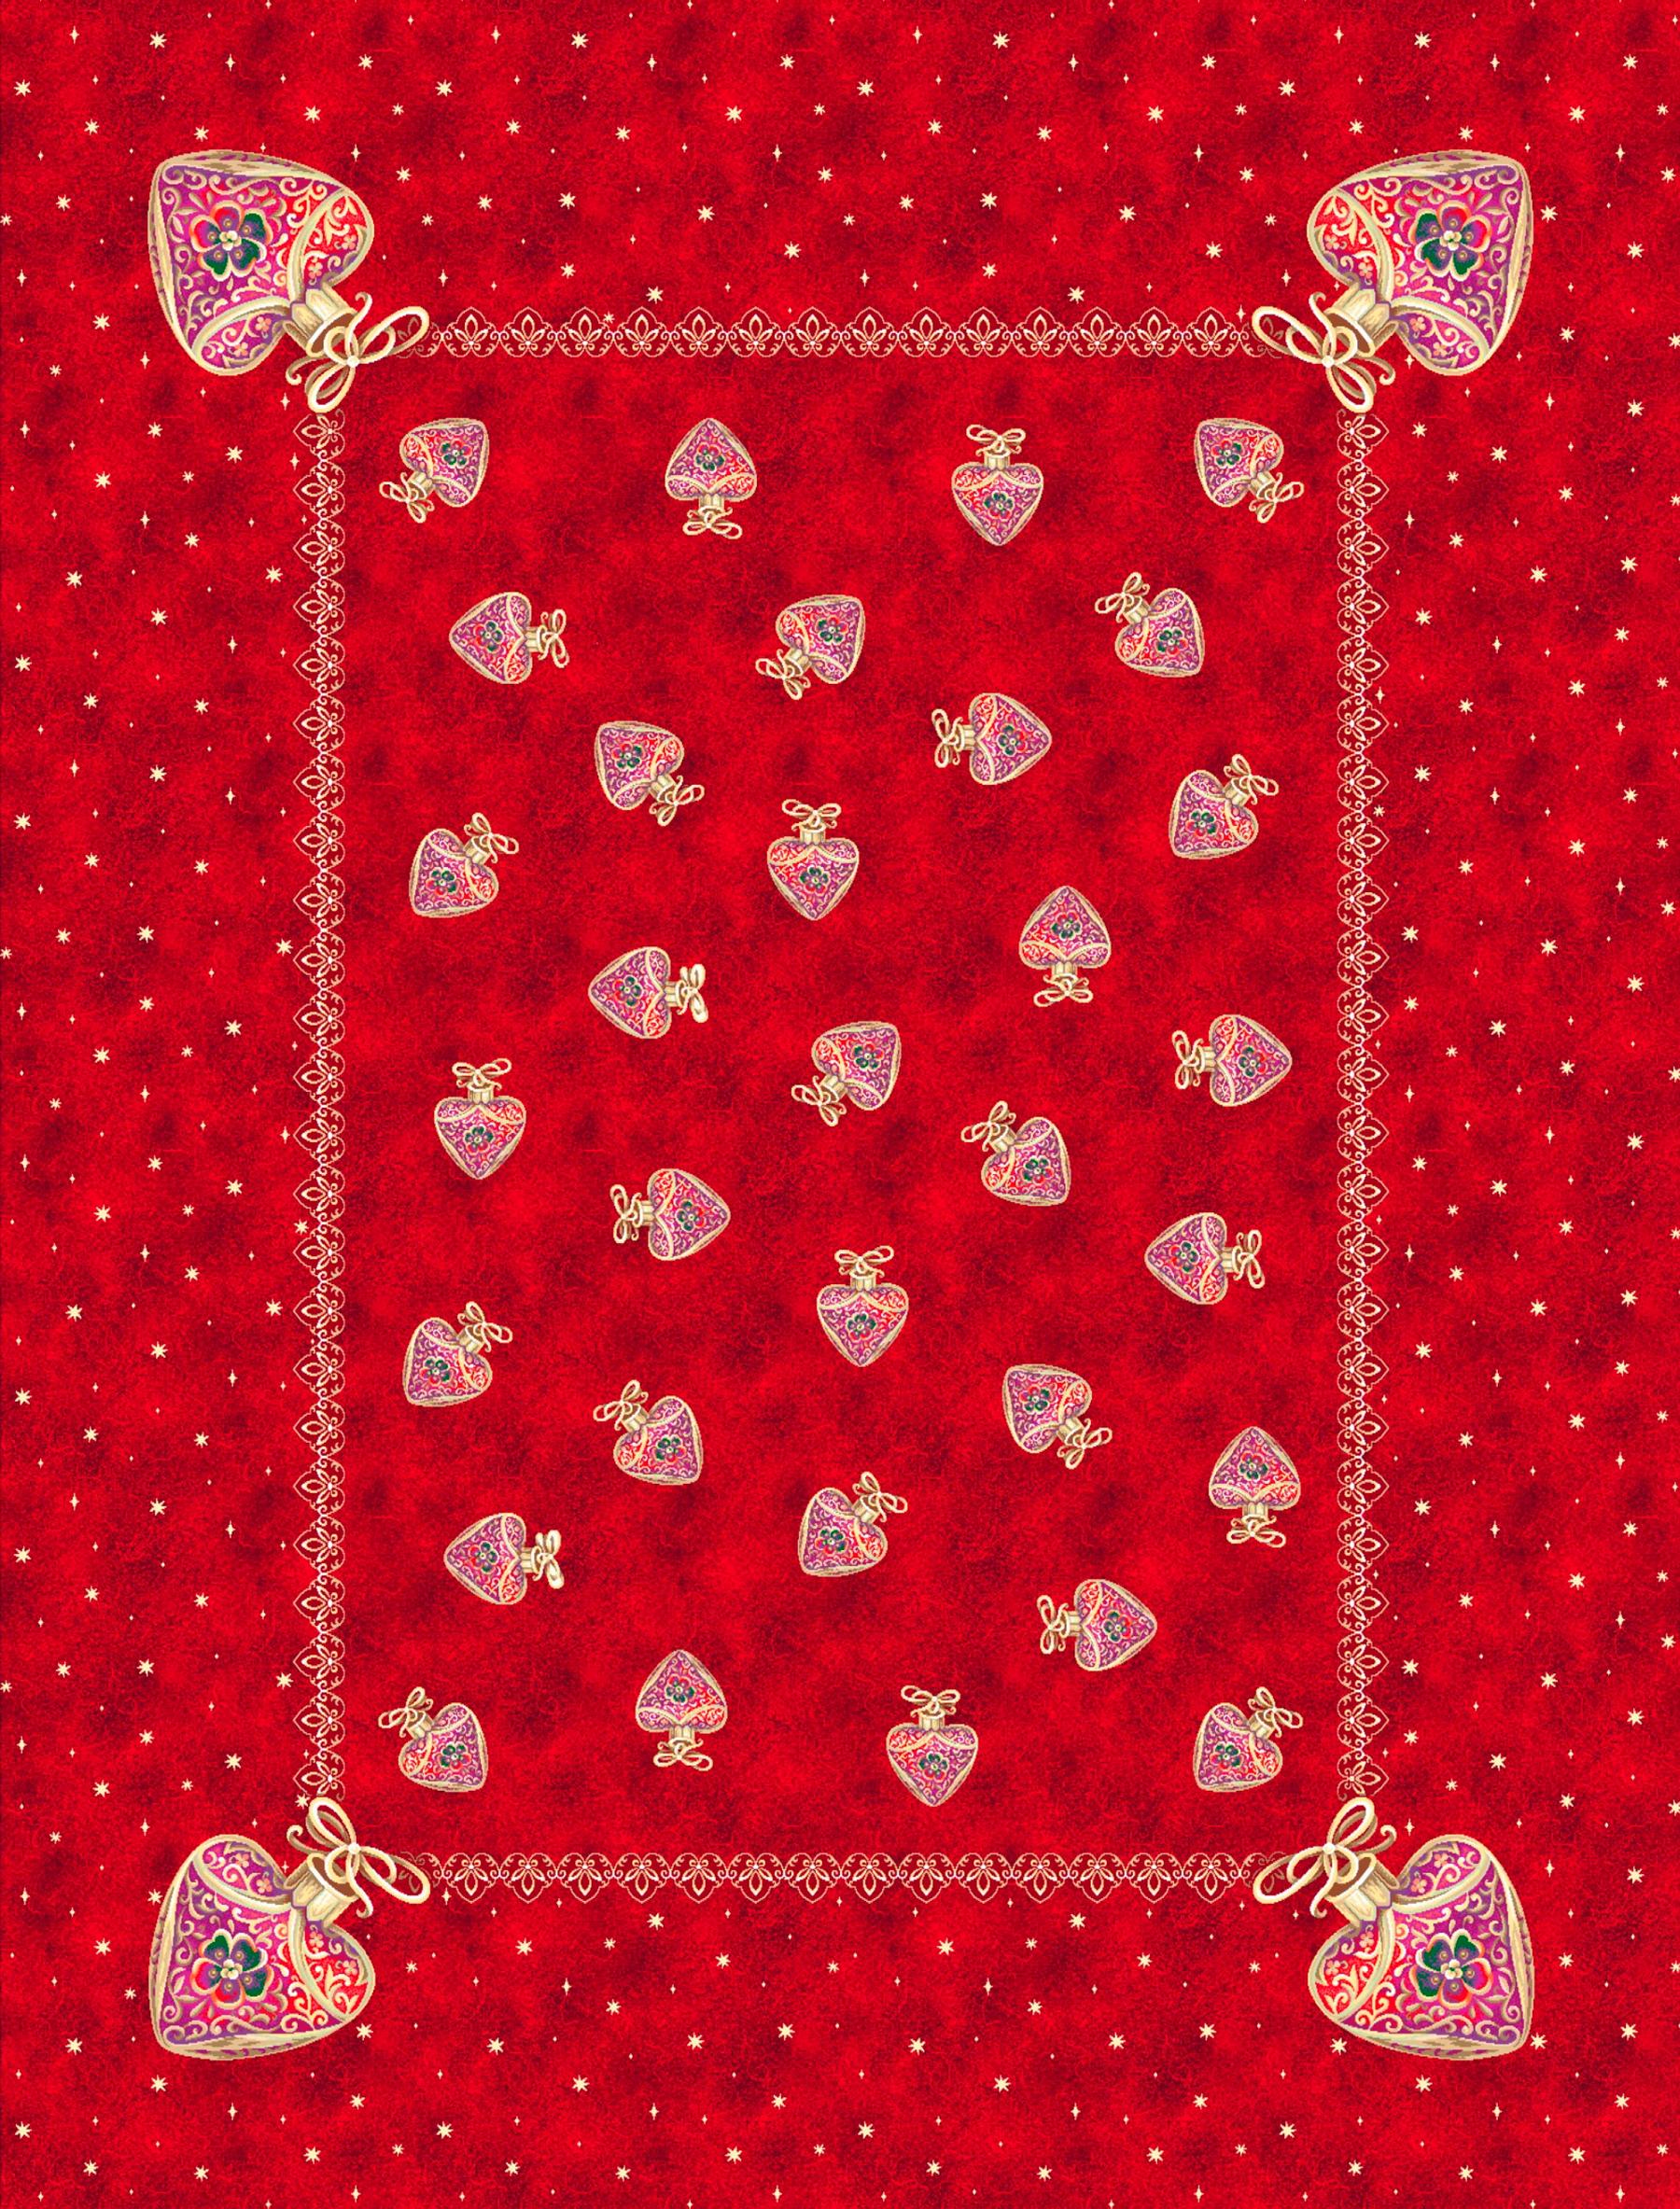 Χριστουγεννιάτικο Τραπεζομάντηλο 140x180 Vassiliadis 668